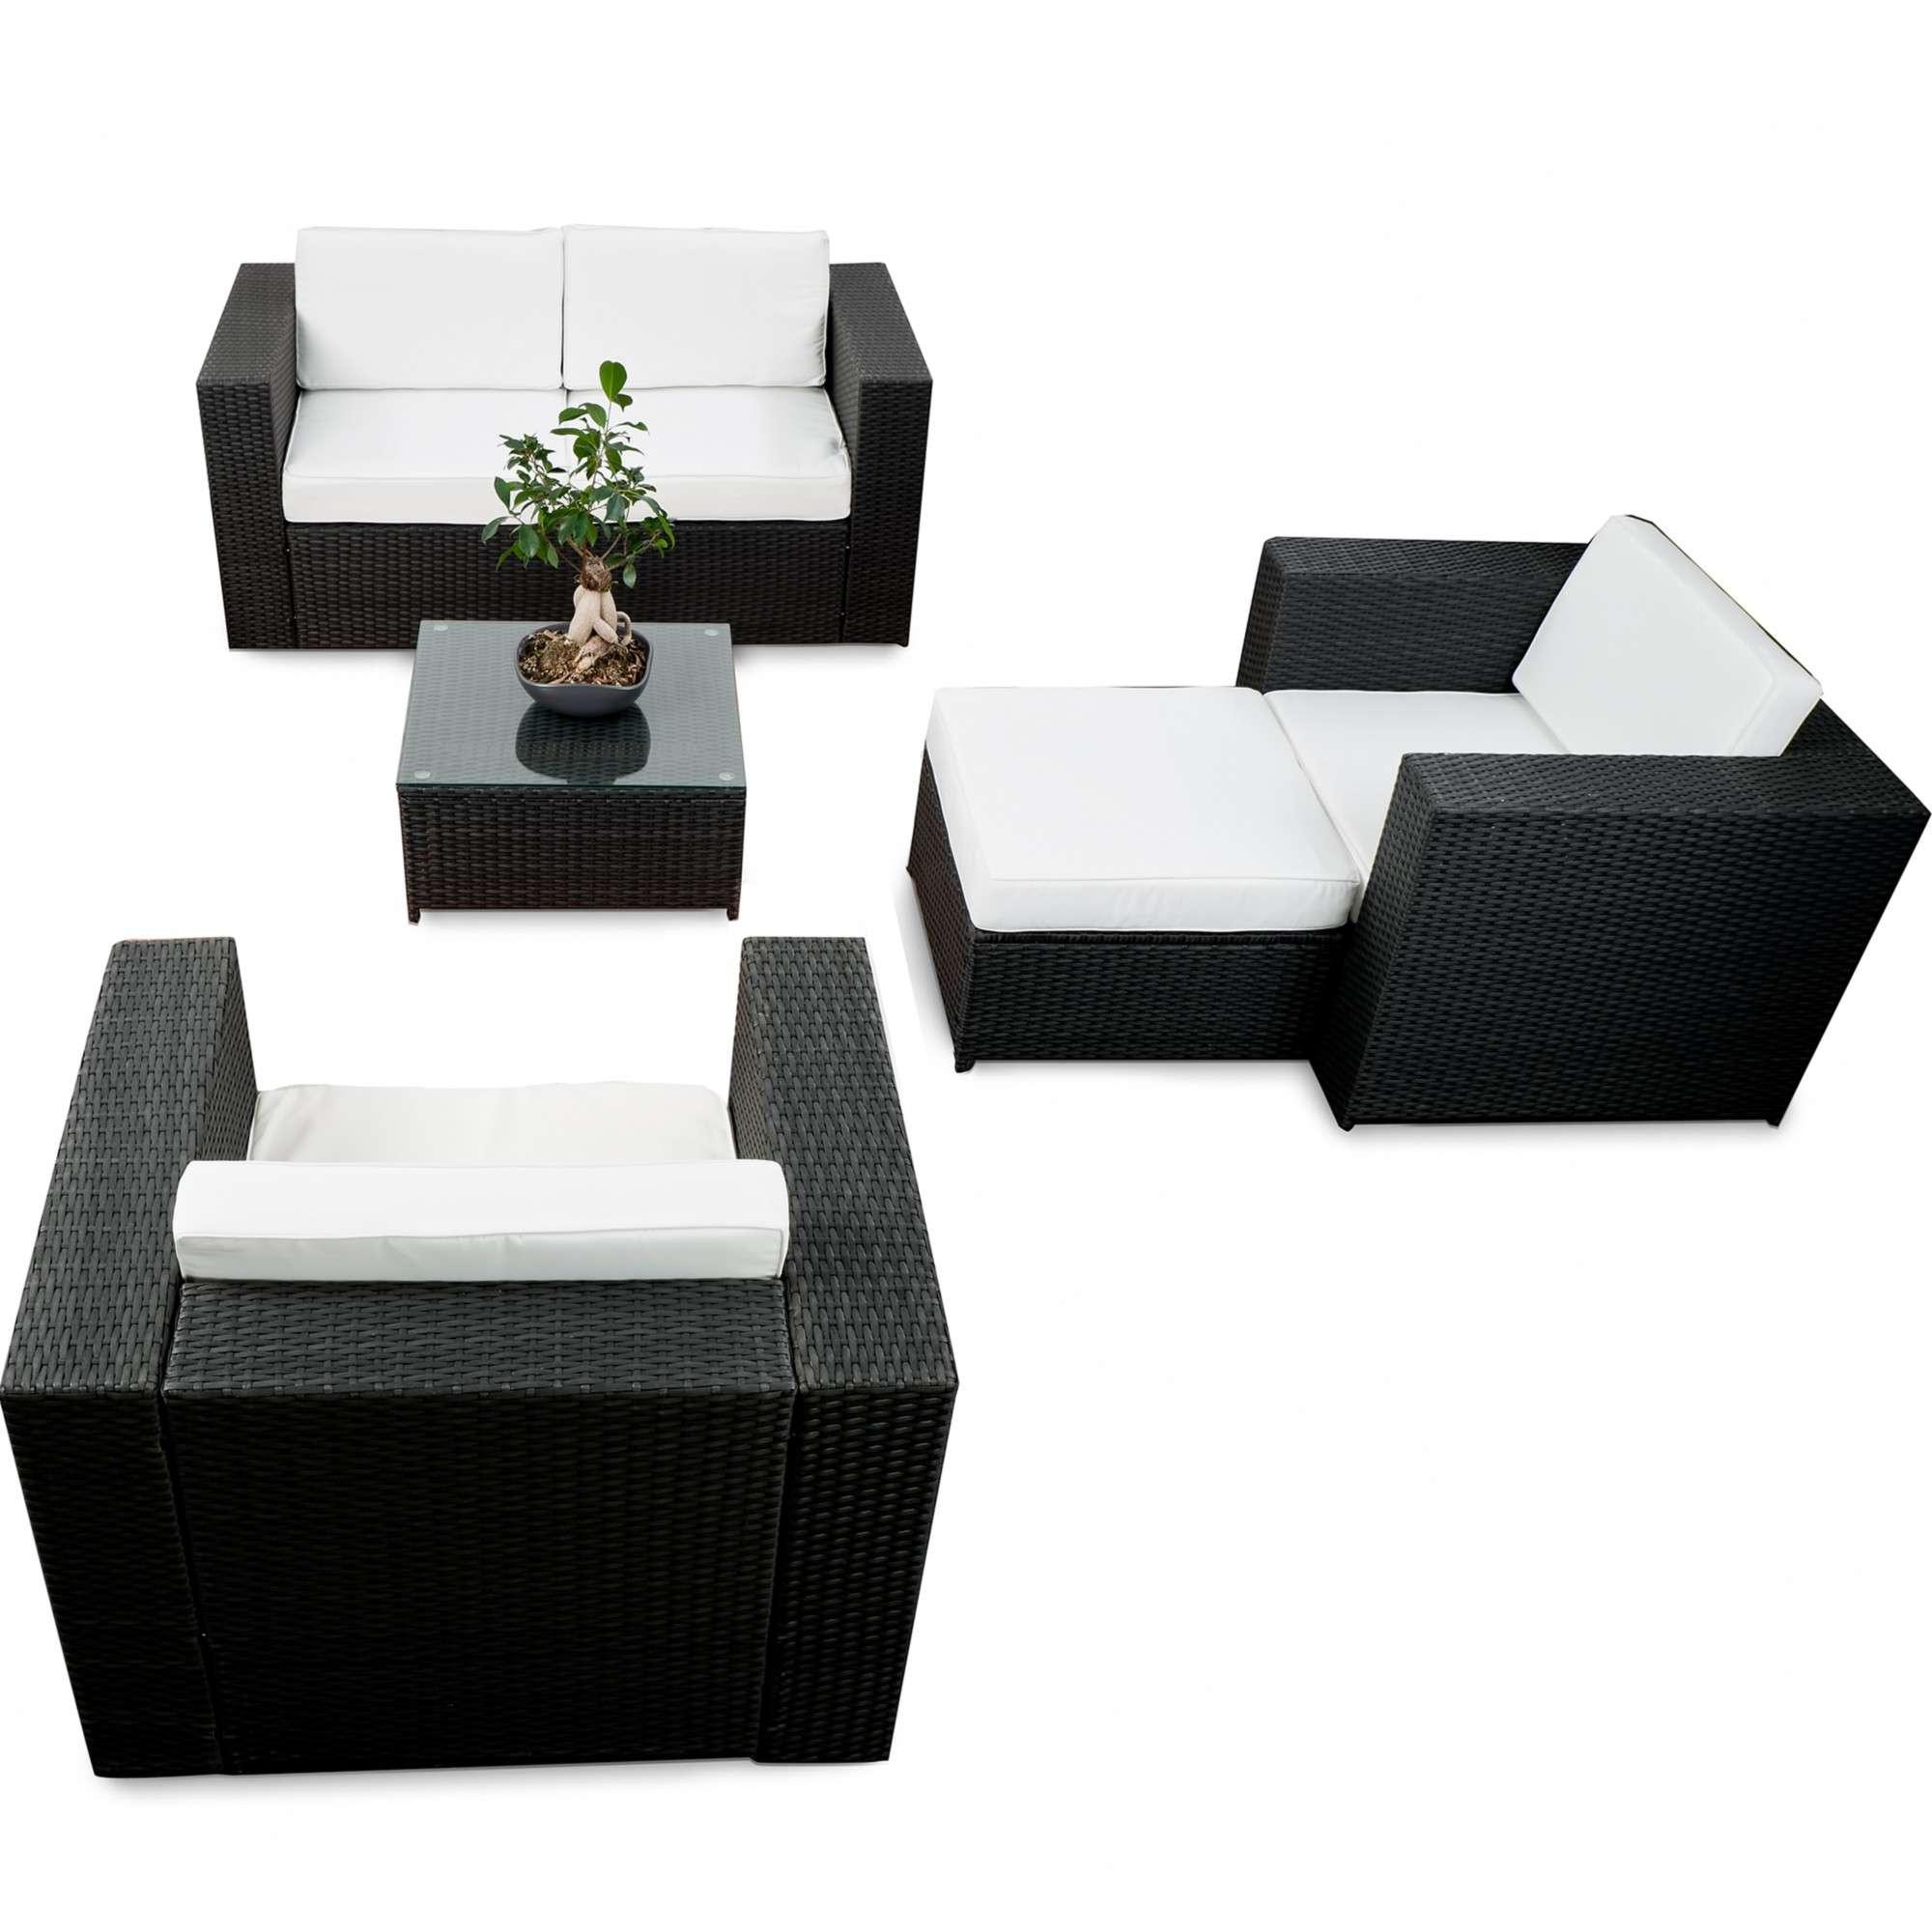 Gartenmöbel Set Lounge ▻ günstig ◅ Garten Loungemöbel Set kaufen